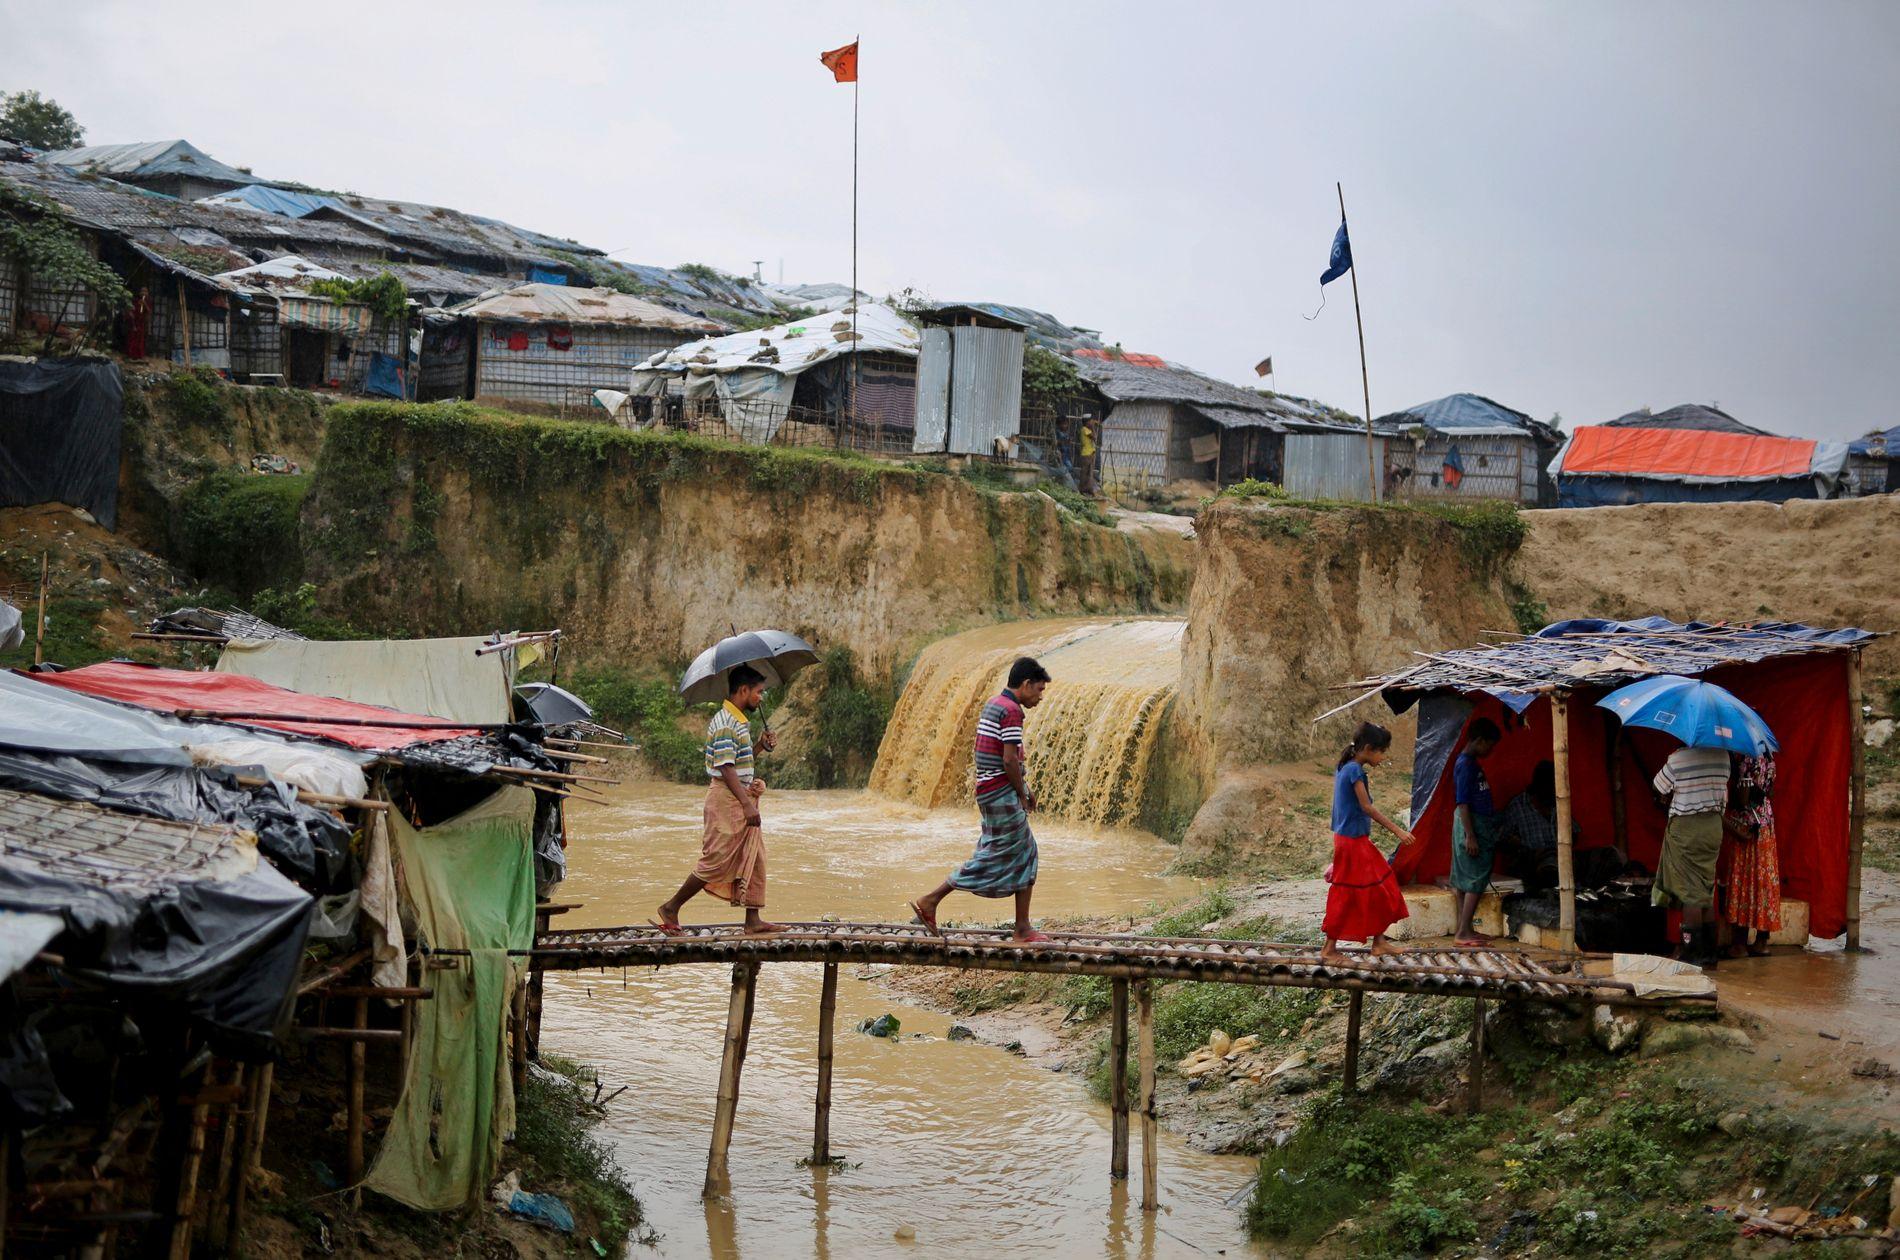 Flere rohingyaer har stukket av fra flyktningleirer i Bangladesh i frykt for å bli sendt tilbake til Myanmar.